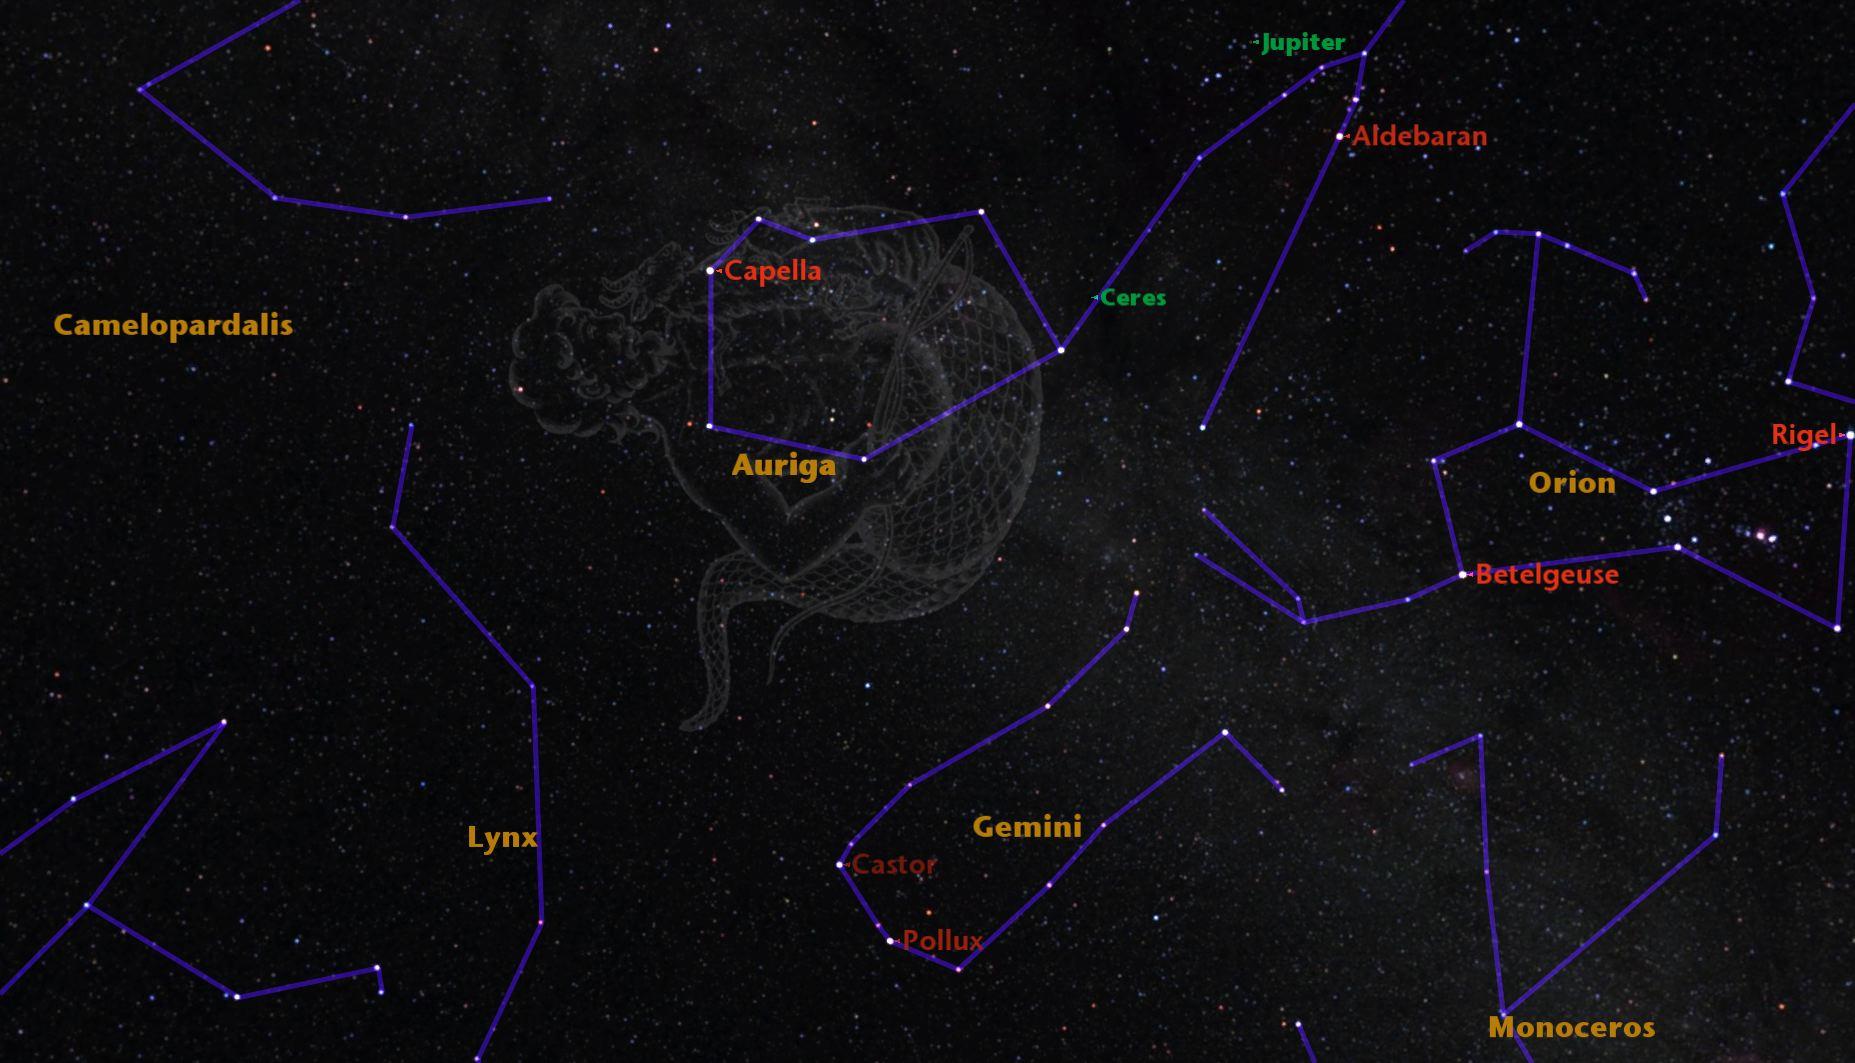 Capella: The Goat Star